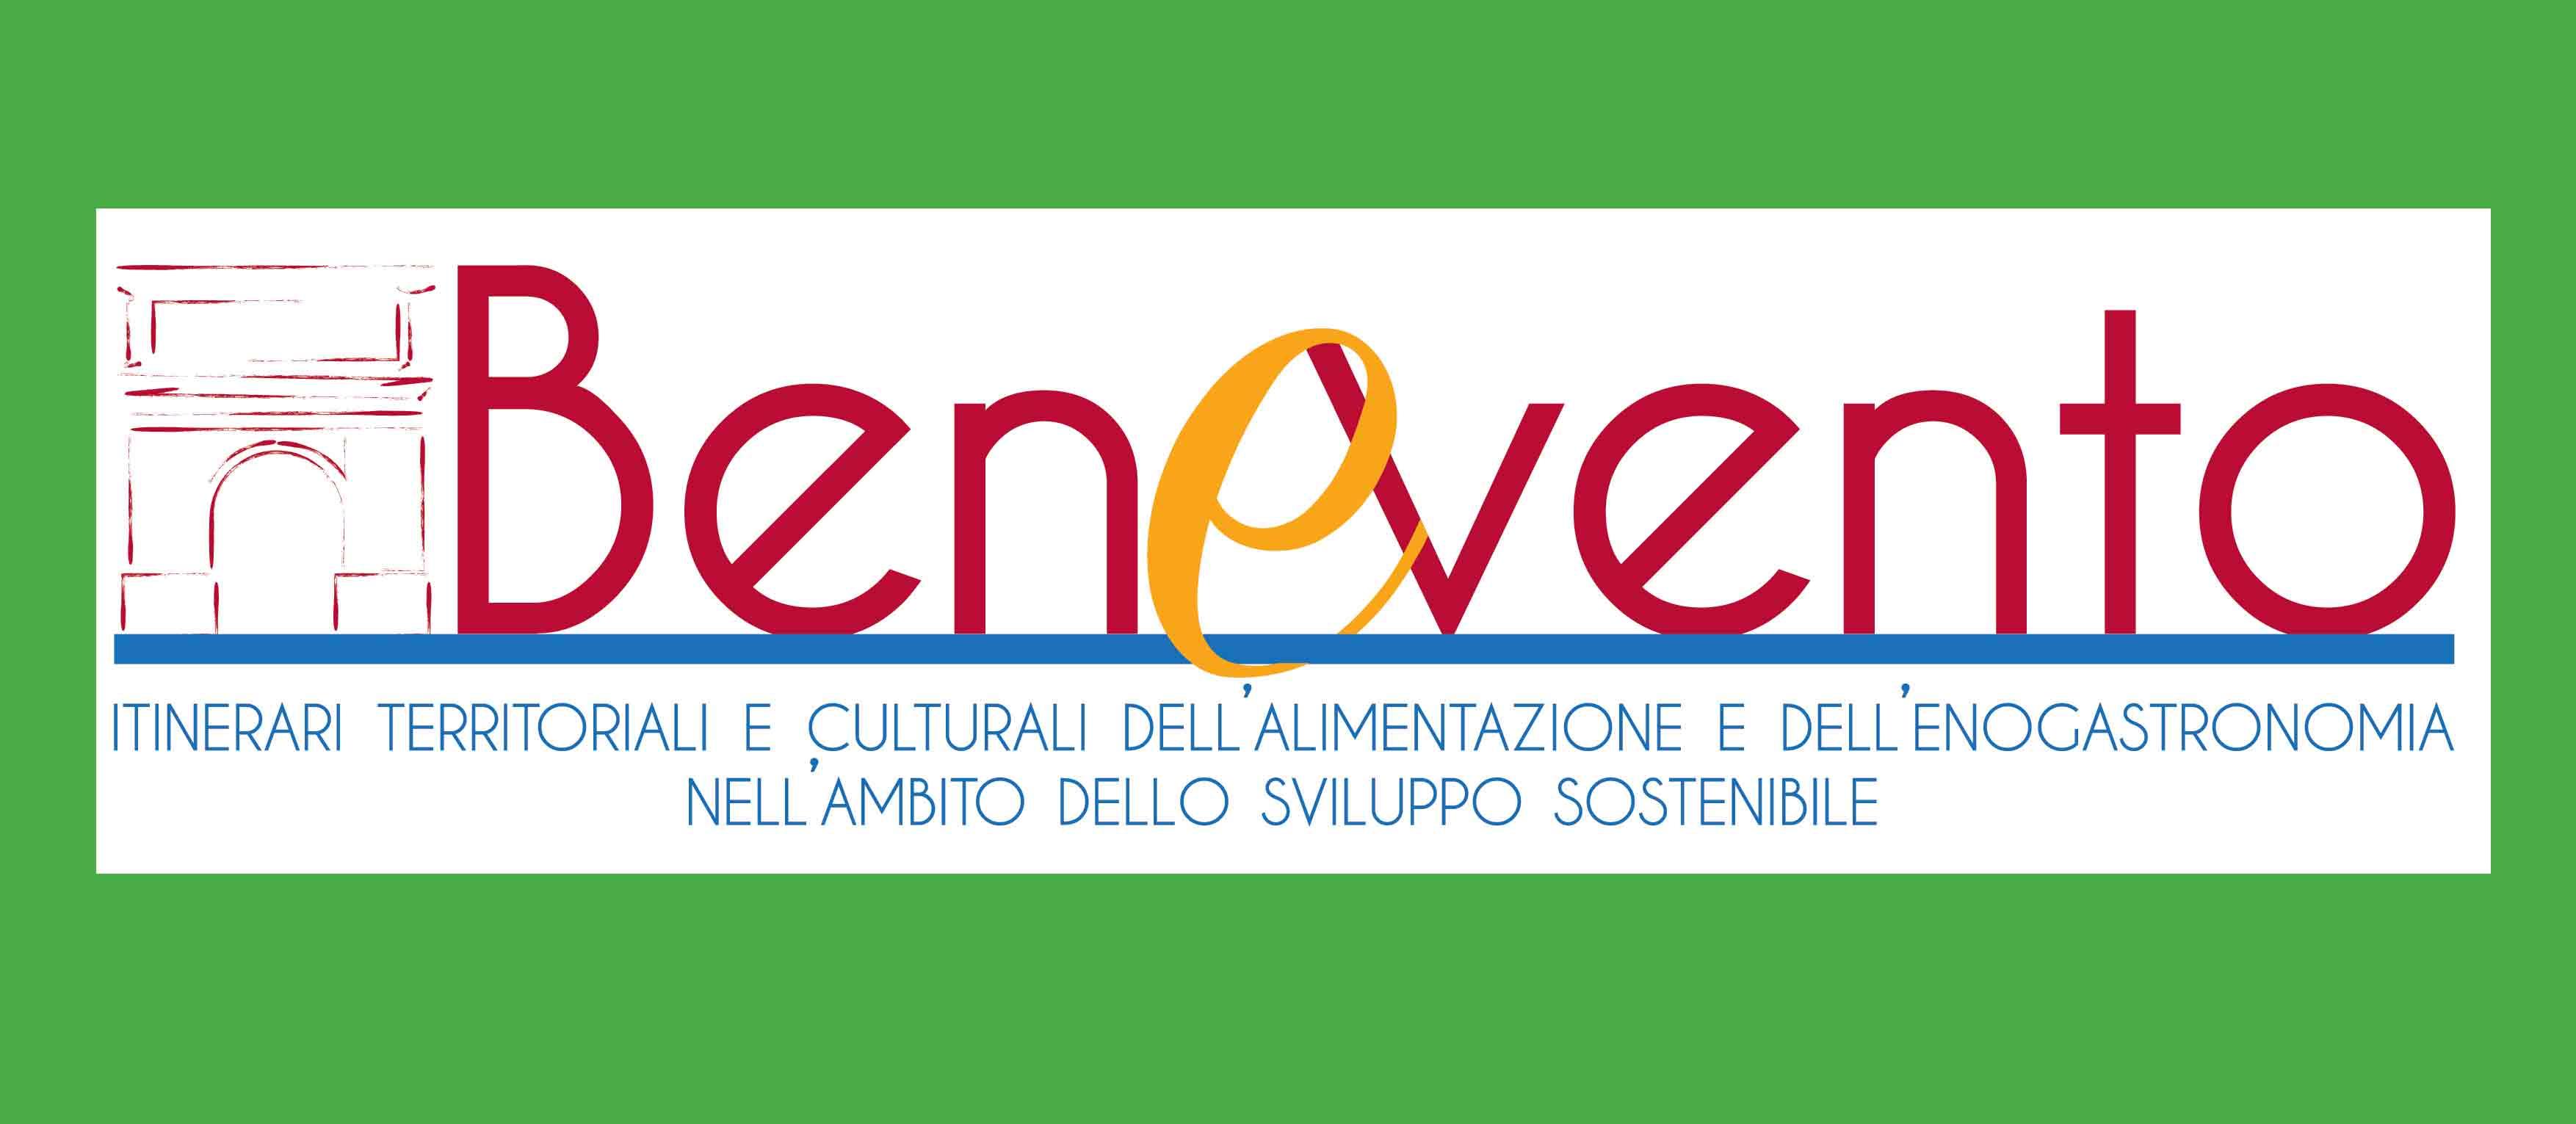 Unesco, Forum Universale delle Culture in corso a Benevento: gli appuntamenti con le Città del Vino